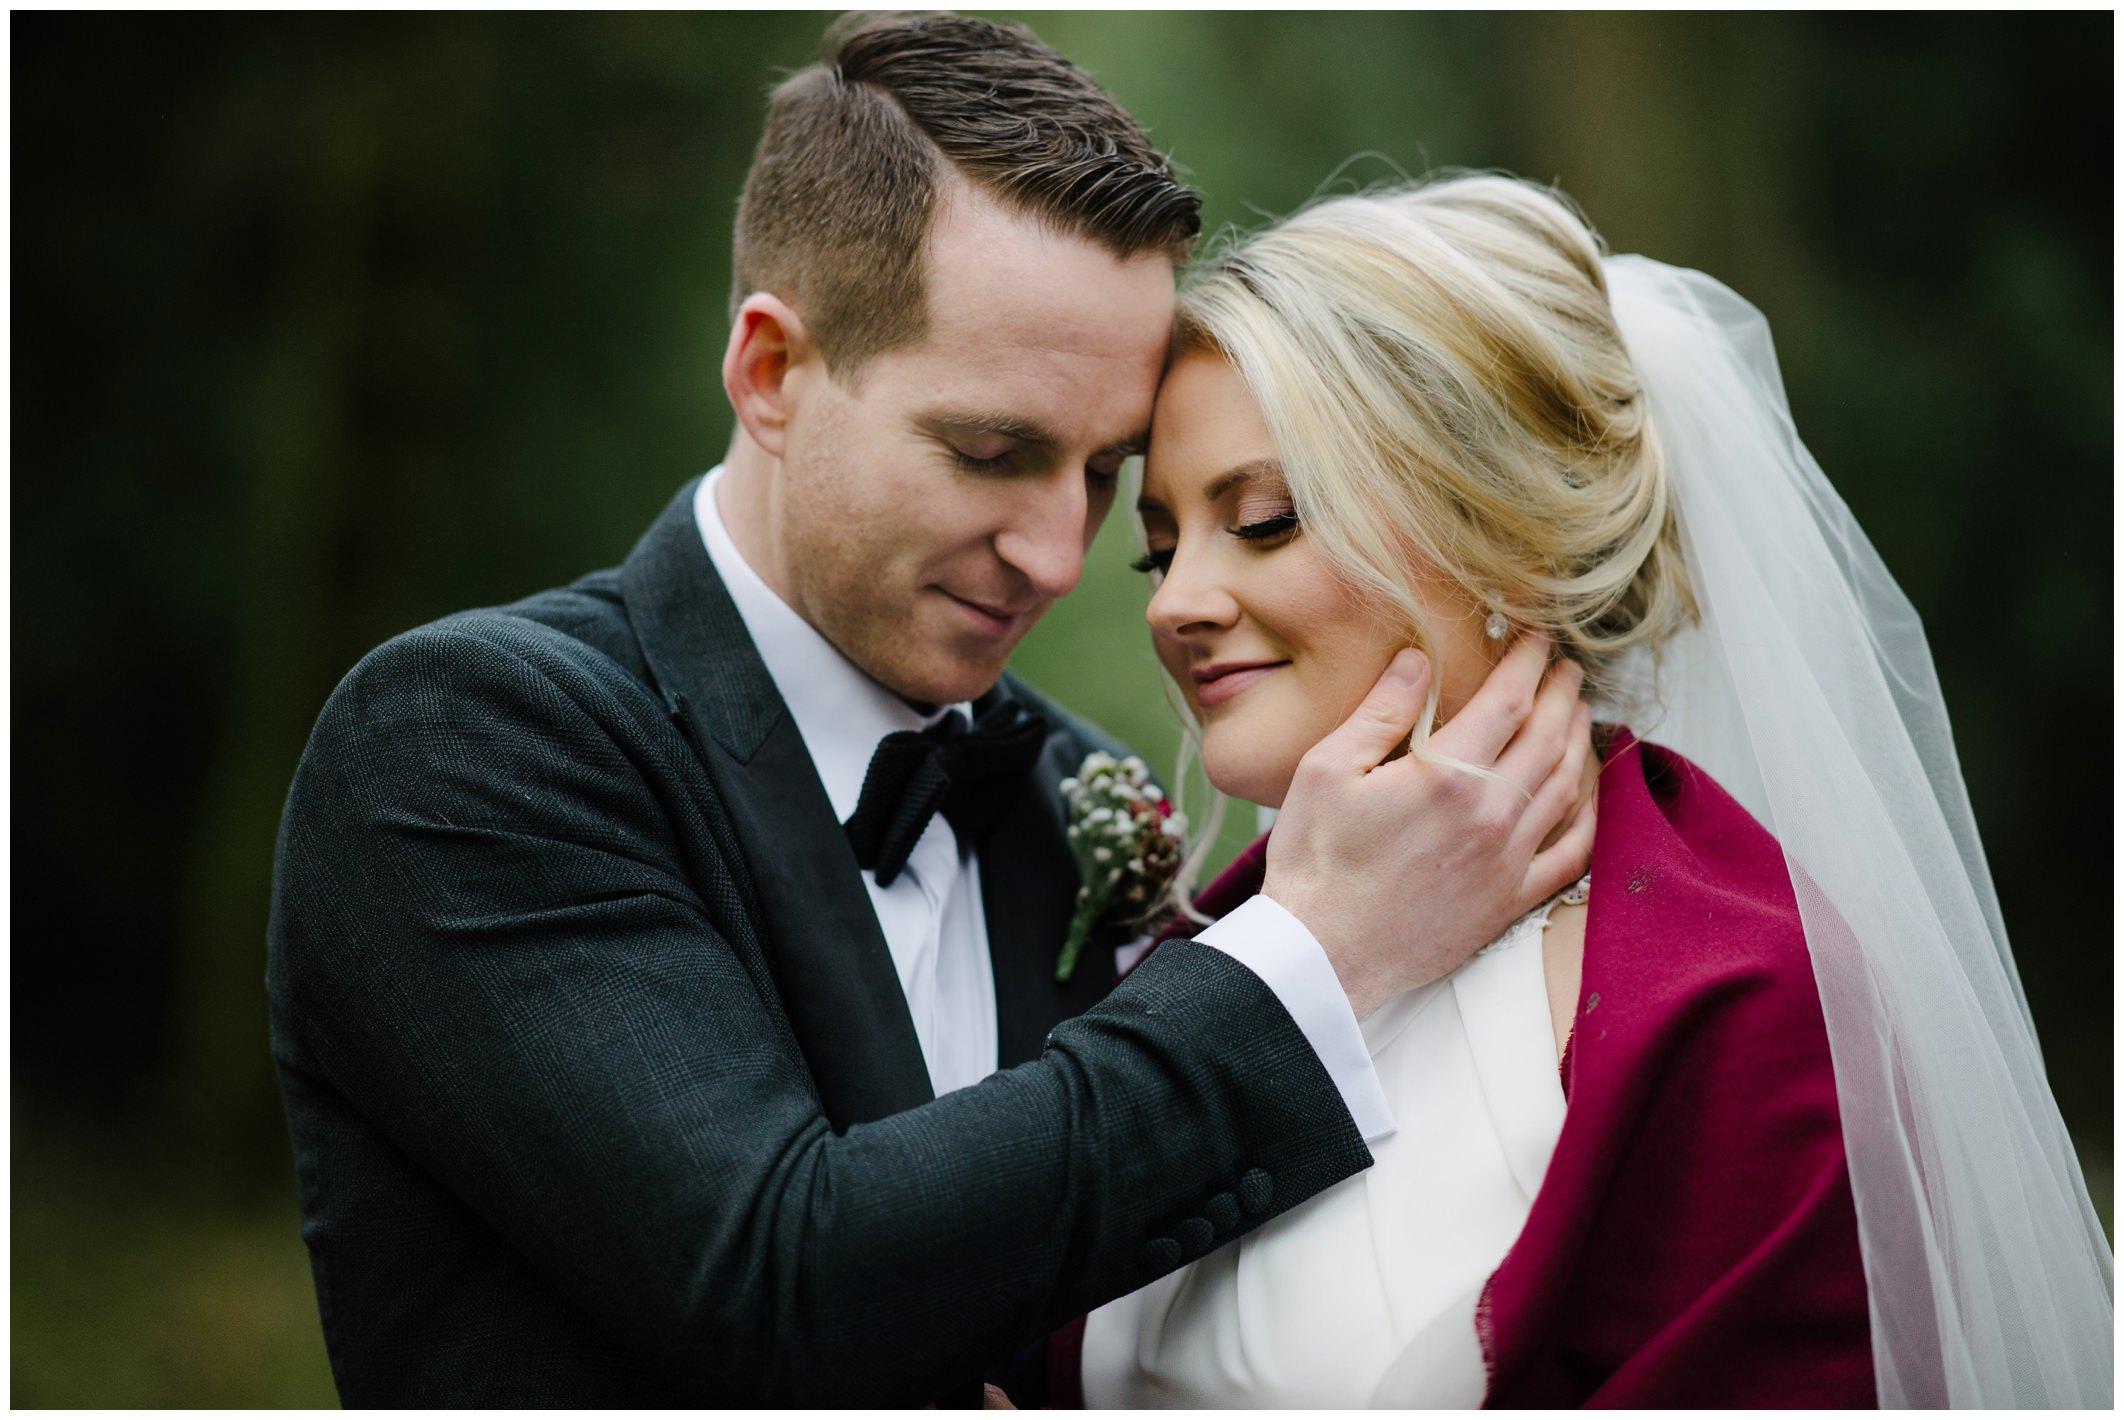 silver_tassie_wedding_jude_browne_photography_0059.jpg